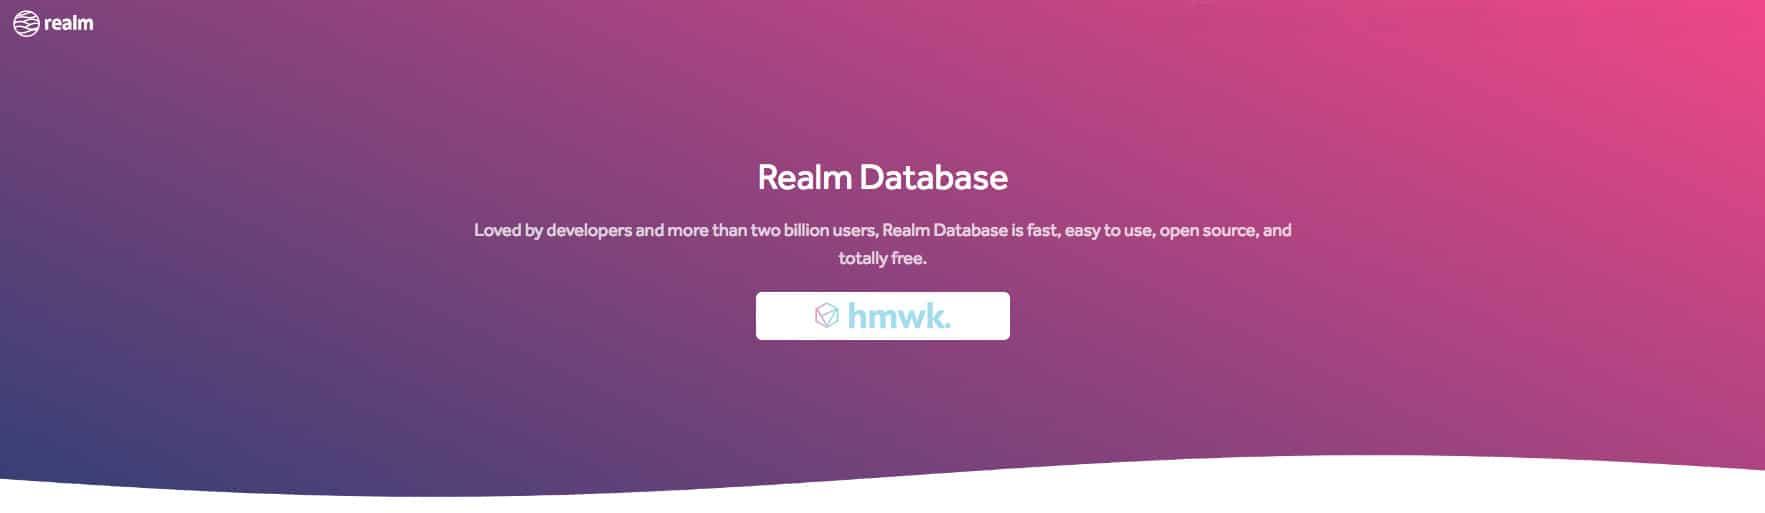 realm base de données android hmwk